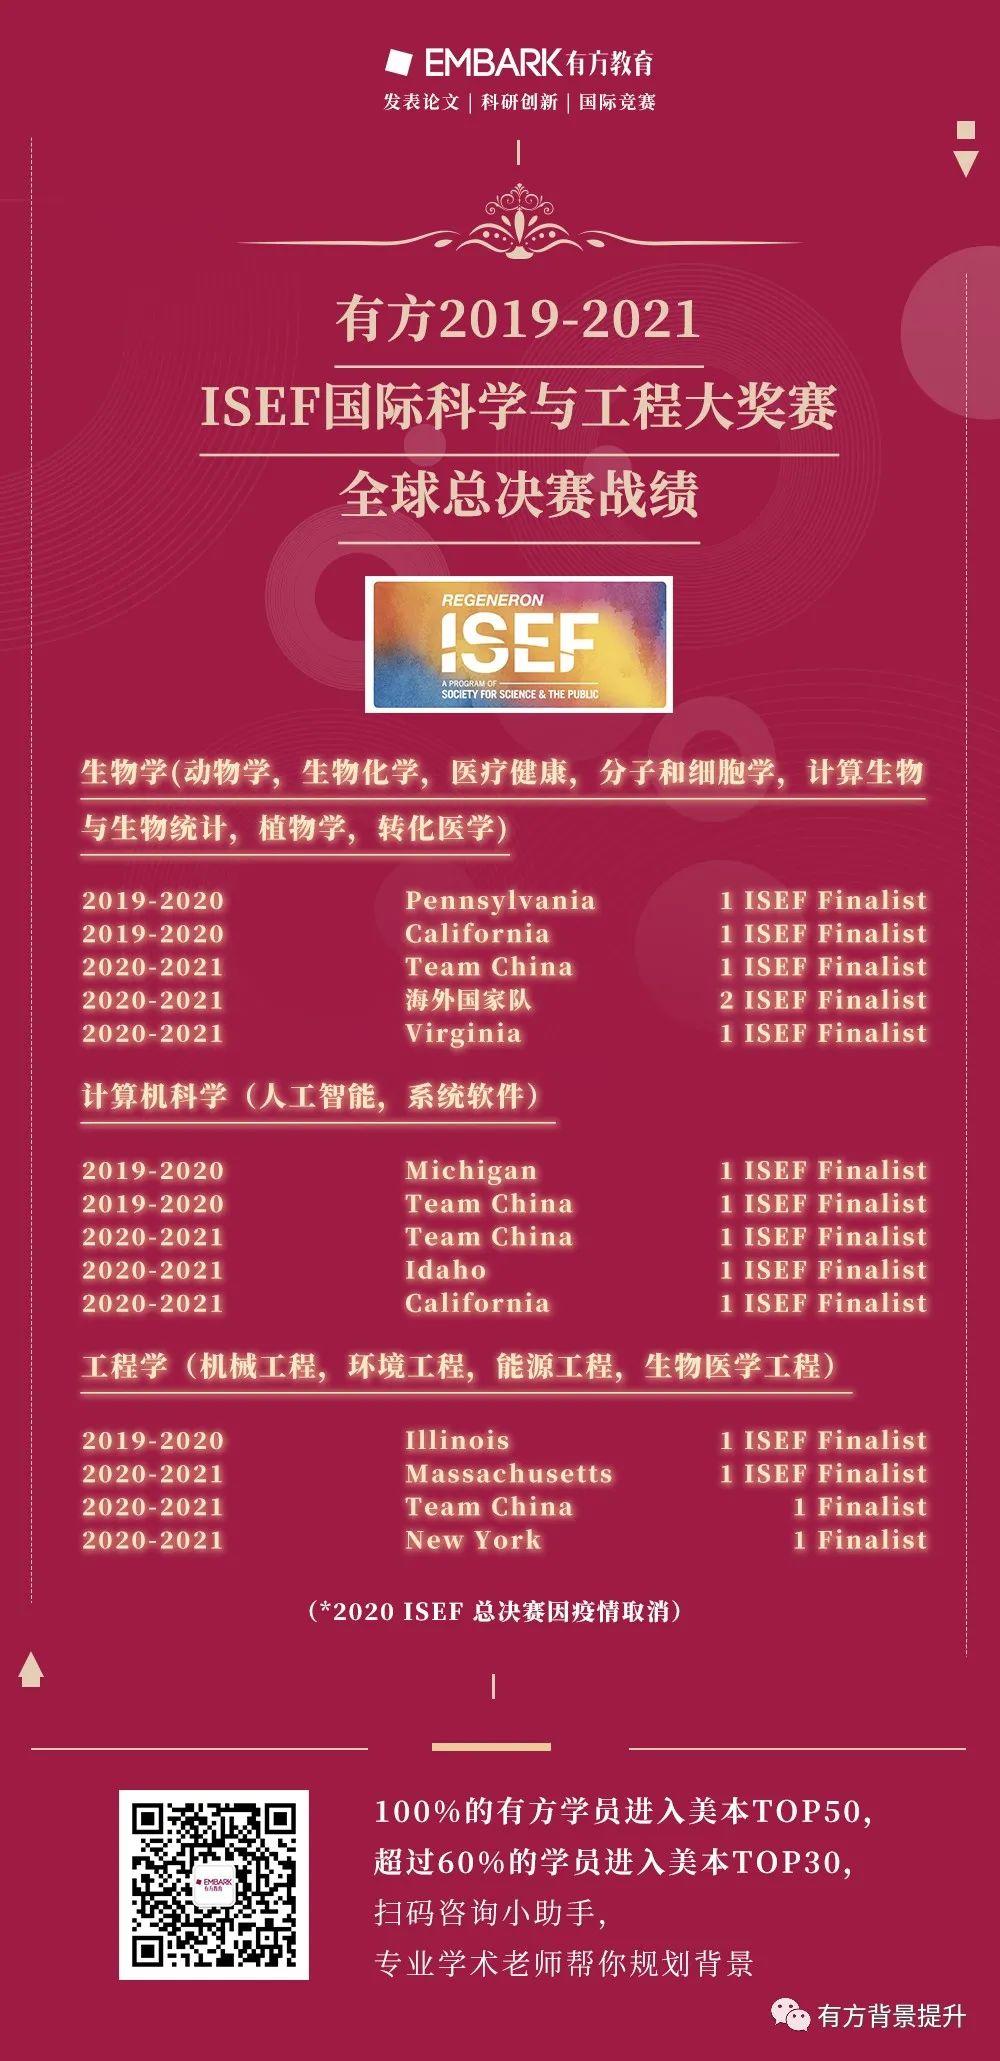 恭喜有方6名学员,在ISEF 2021全球总决赛中荣获多项佳绩!  推广